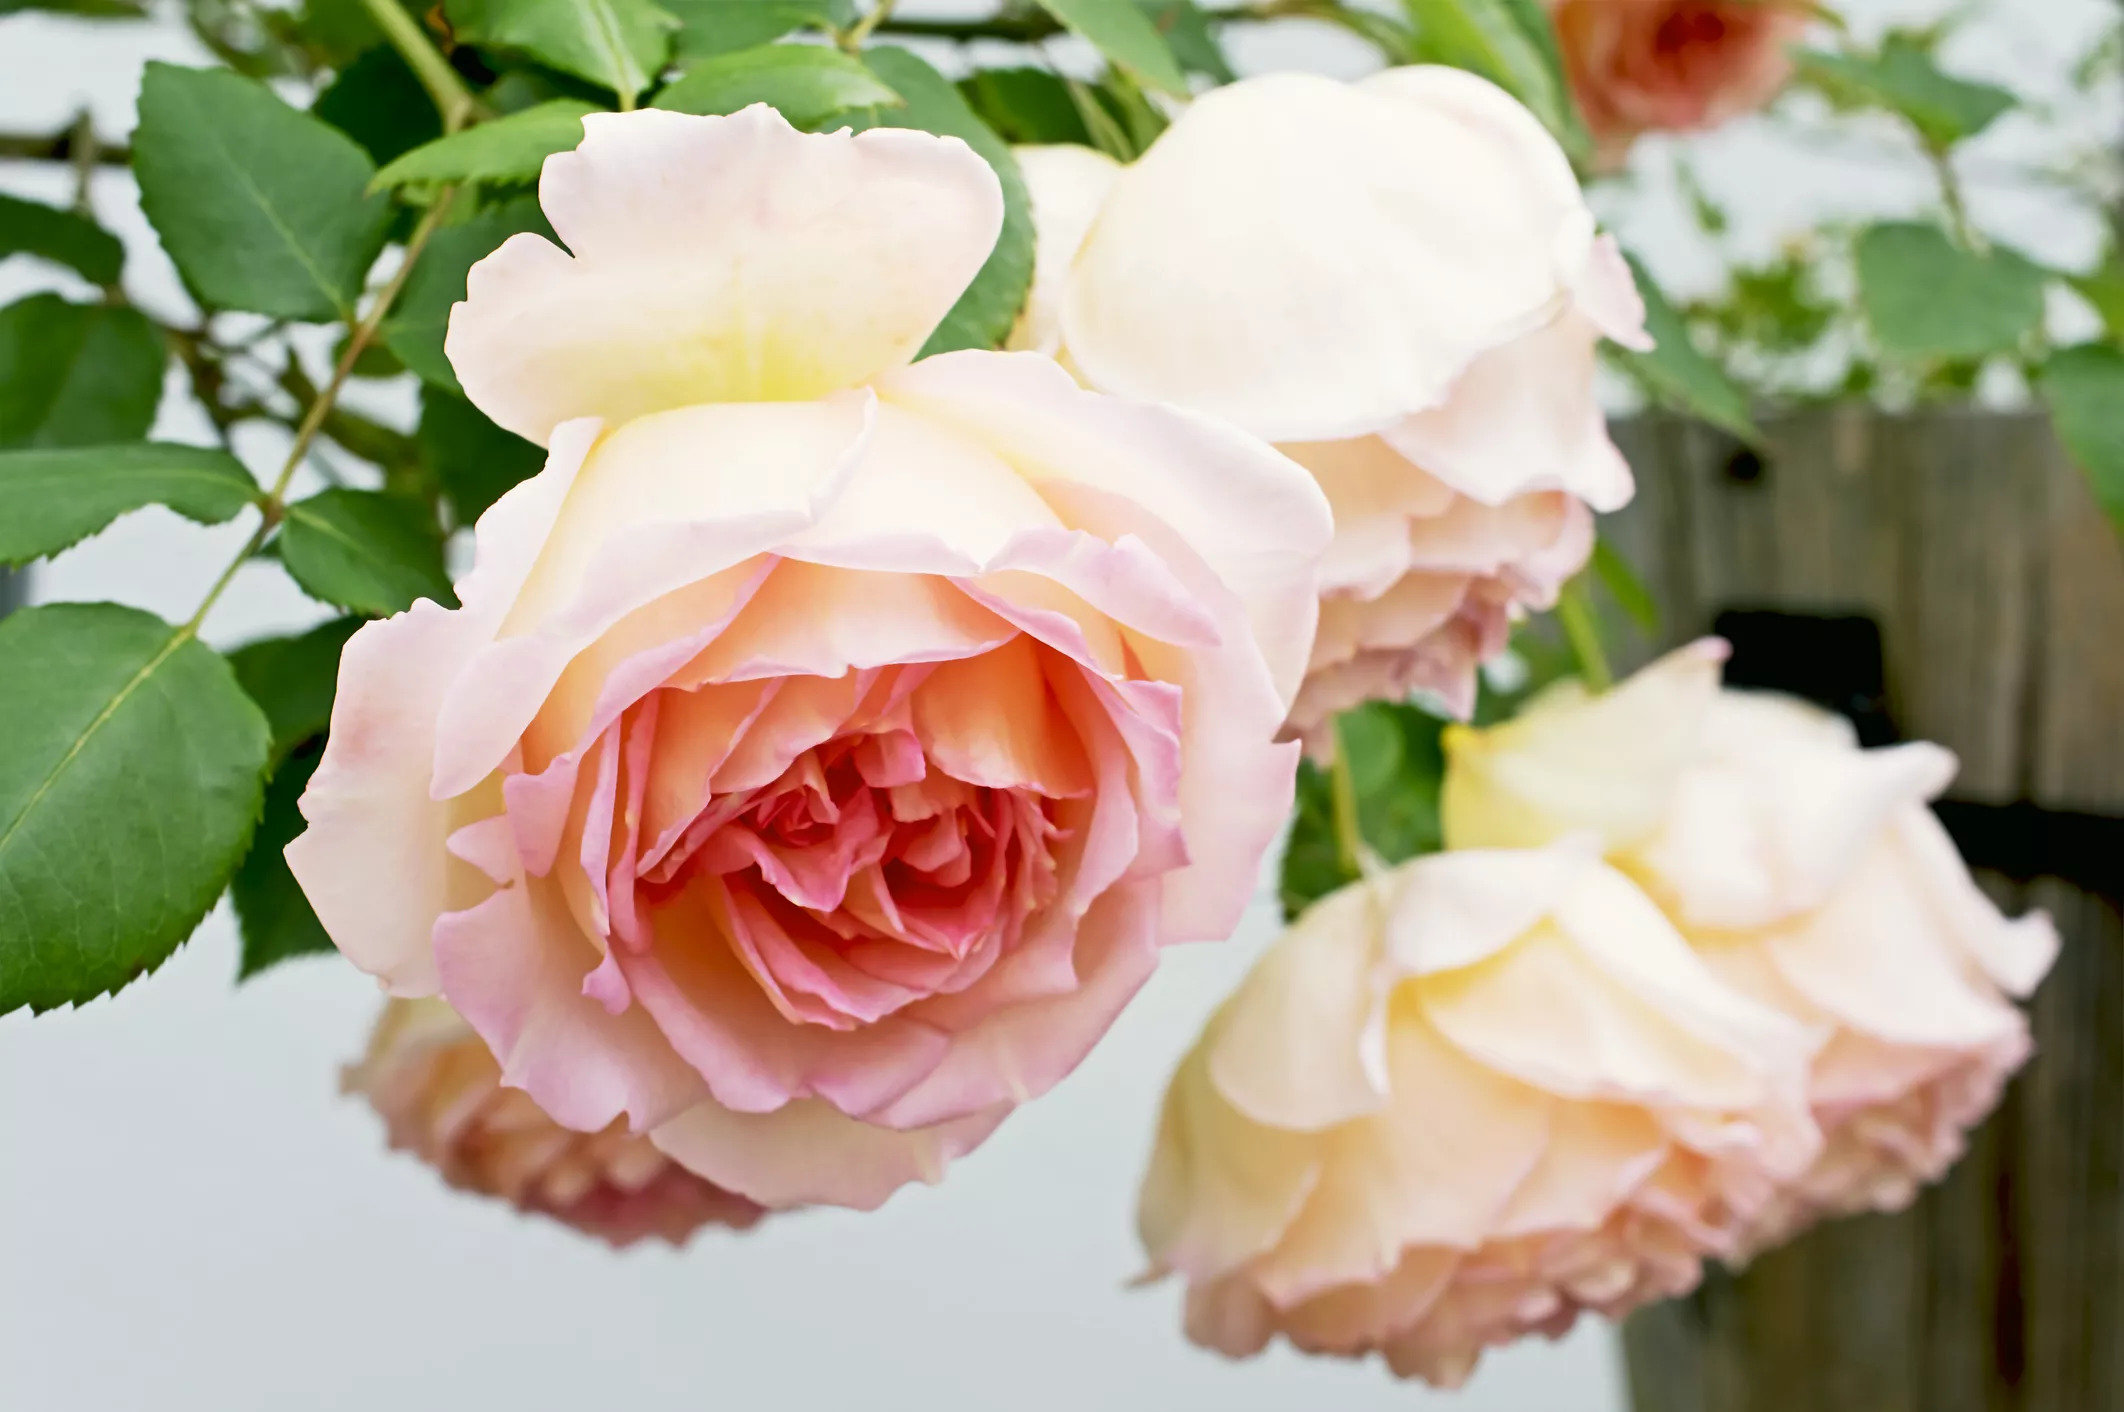 زیباترین گل های رز انگلیسی برای باغچه شما